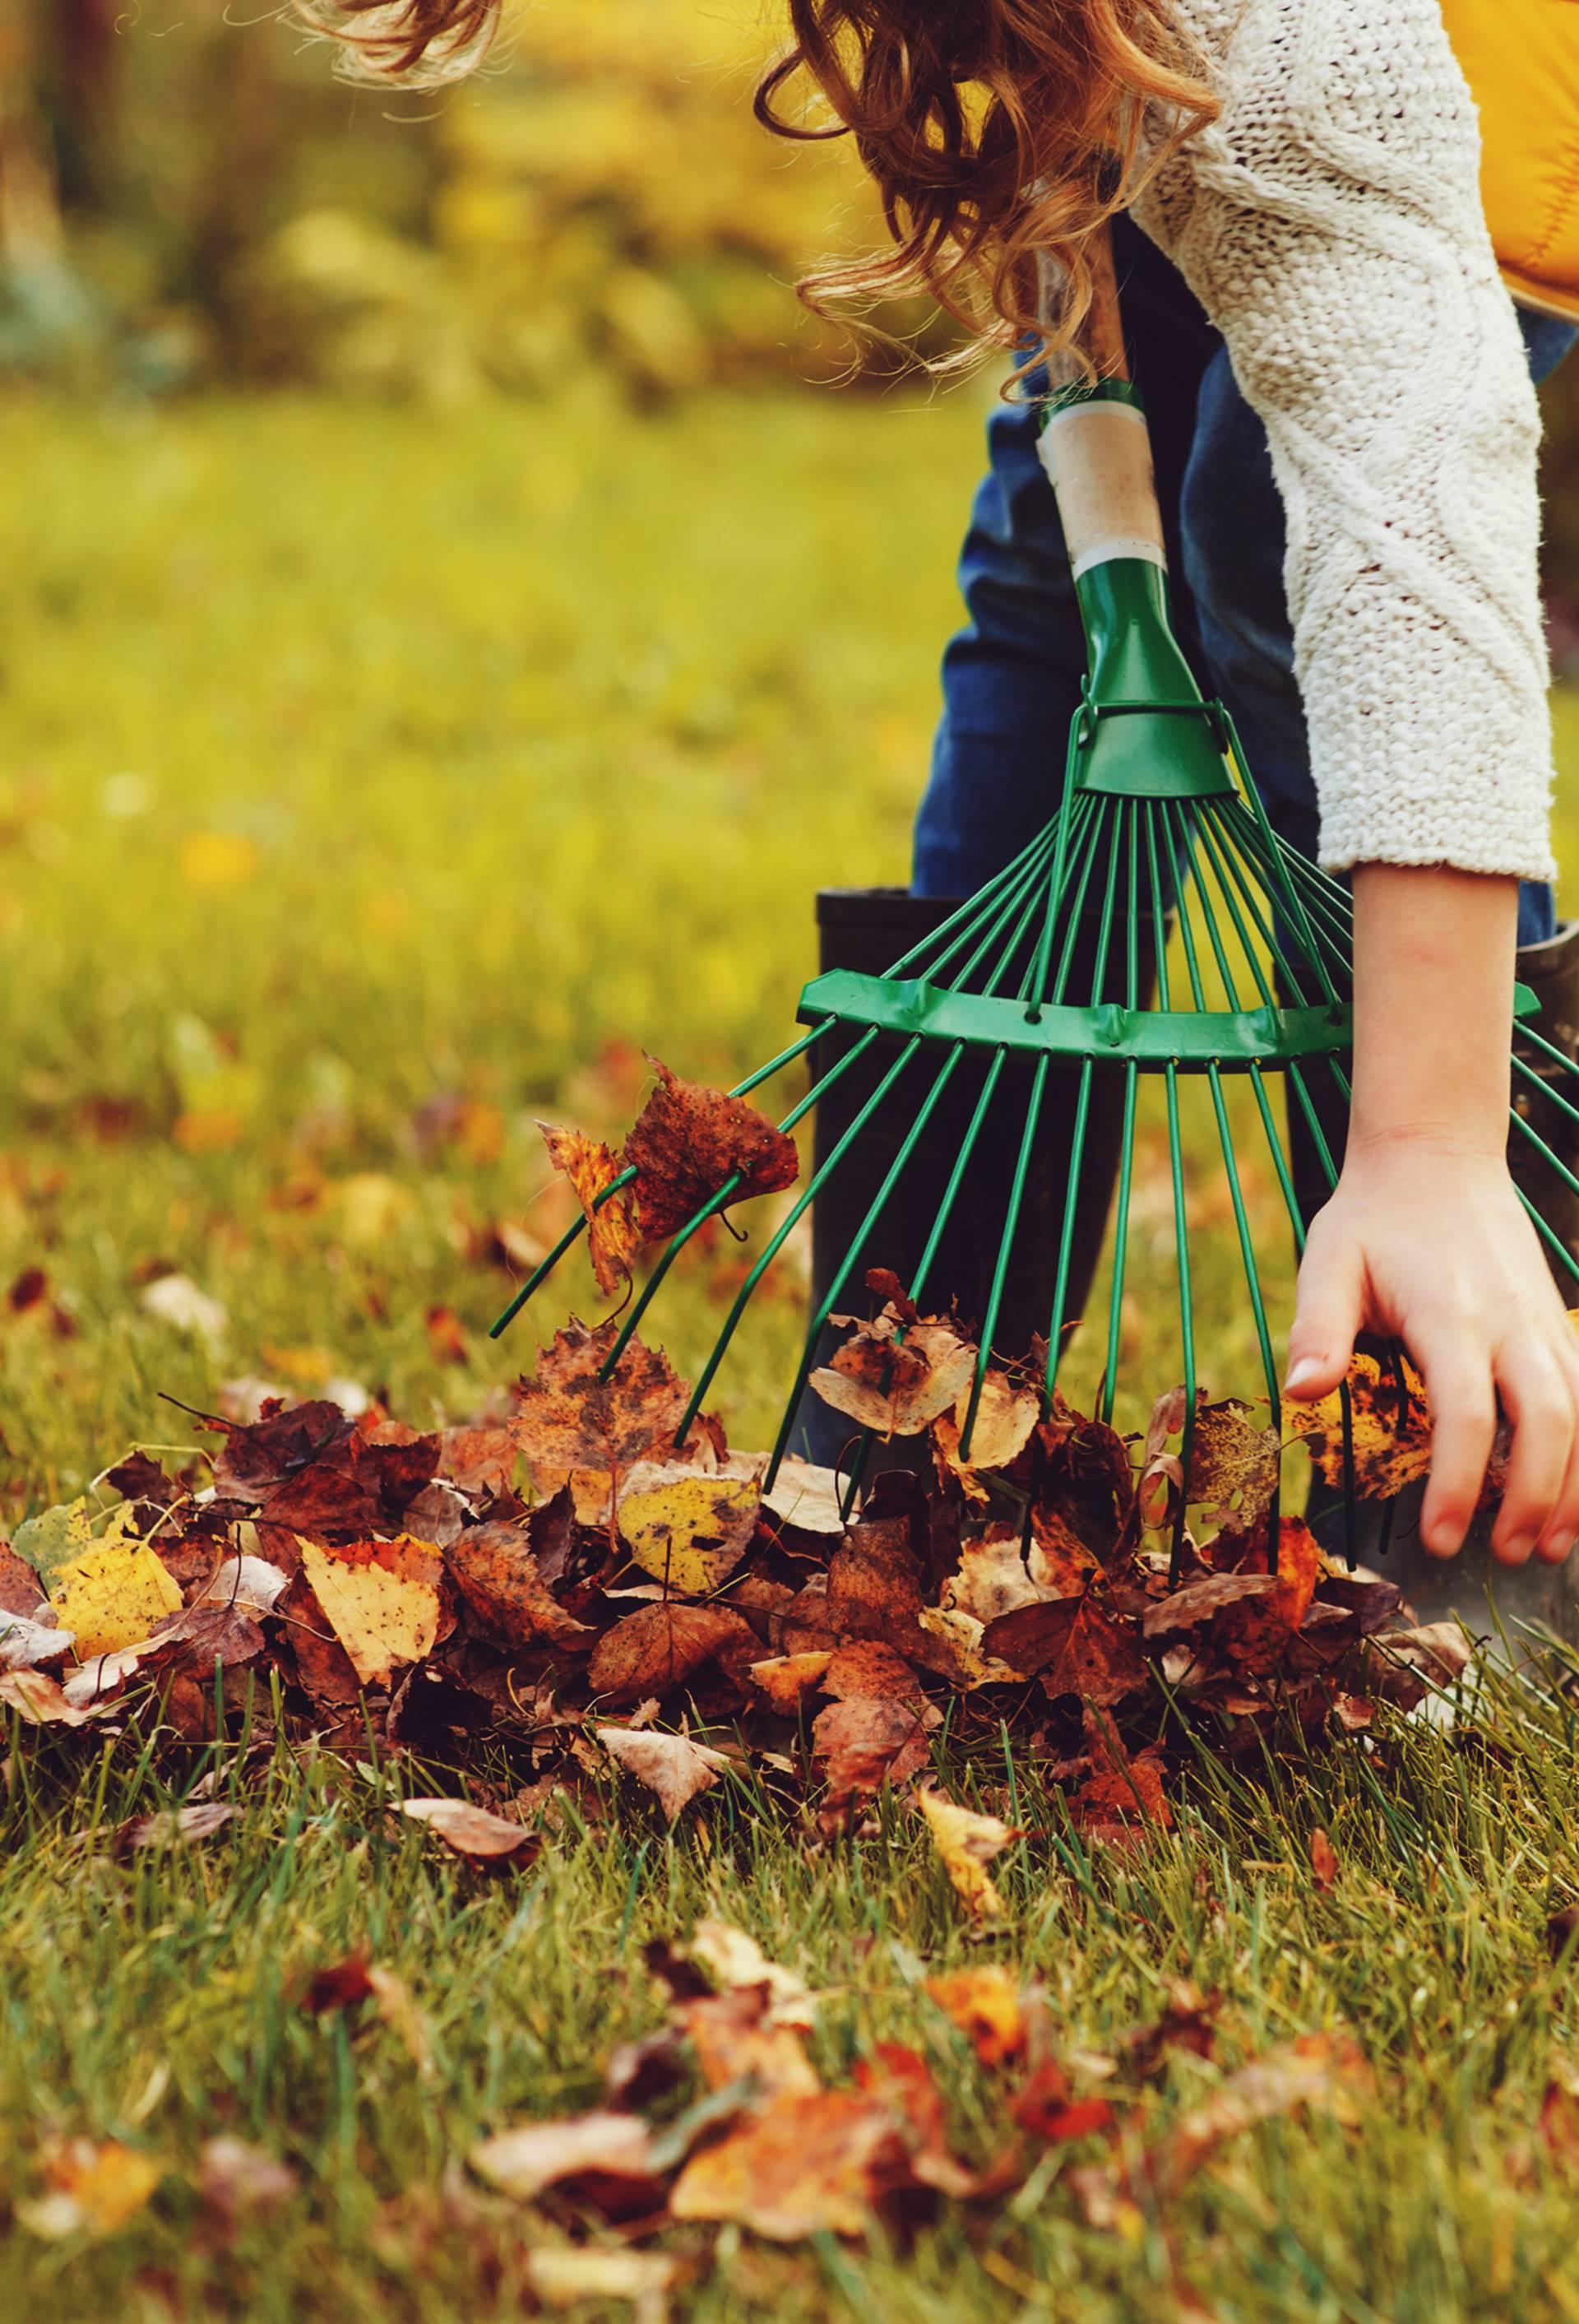 Lišće je bolje ne skupljati: Evo zašto je korisnije ostaviti ga